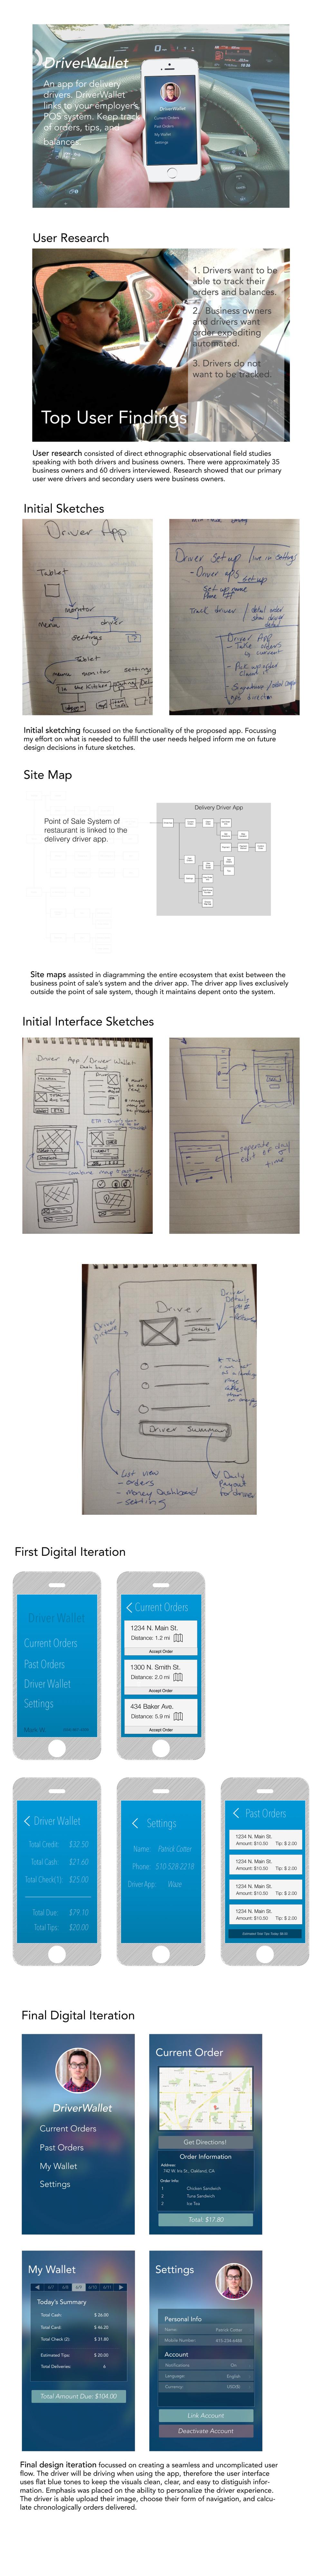 DriverApp-Portfolio.jpg